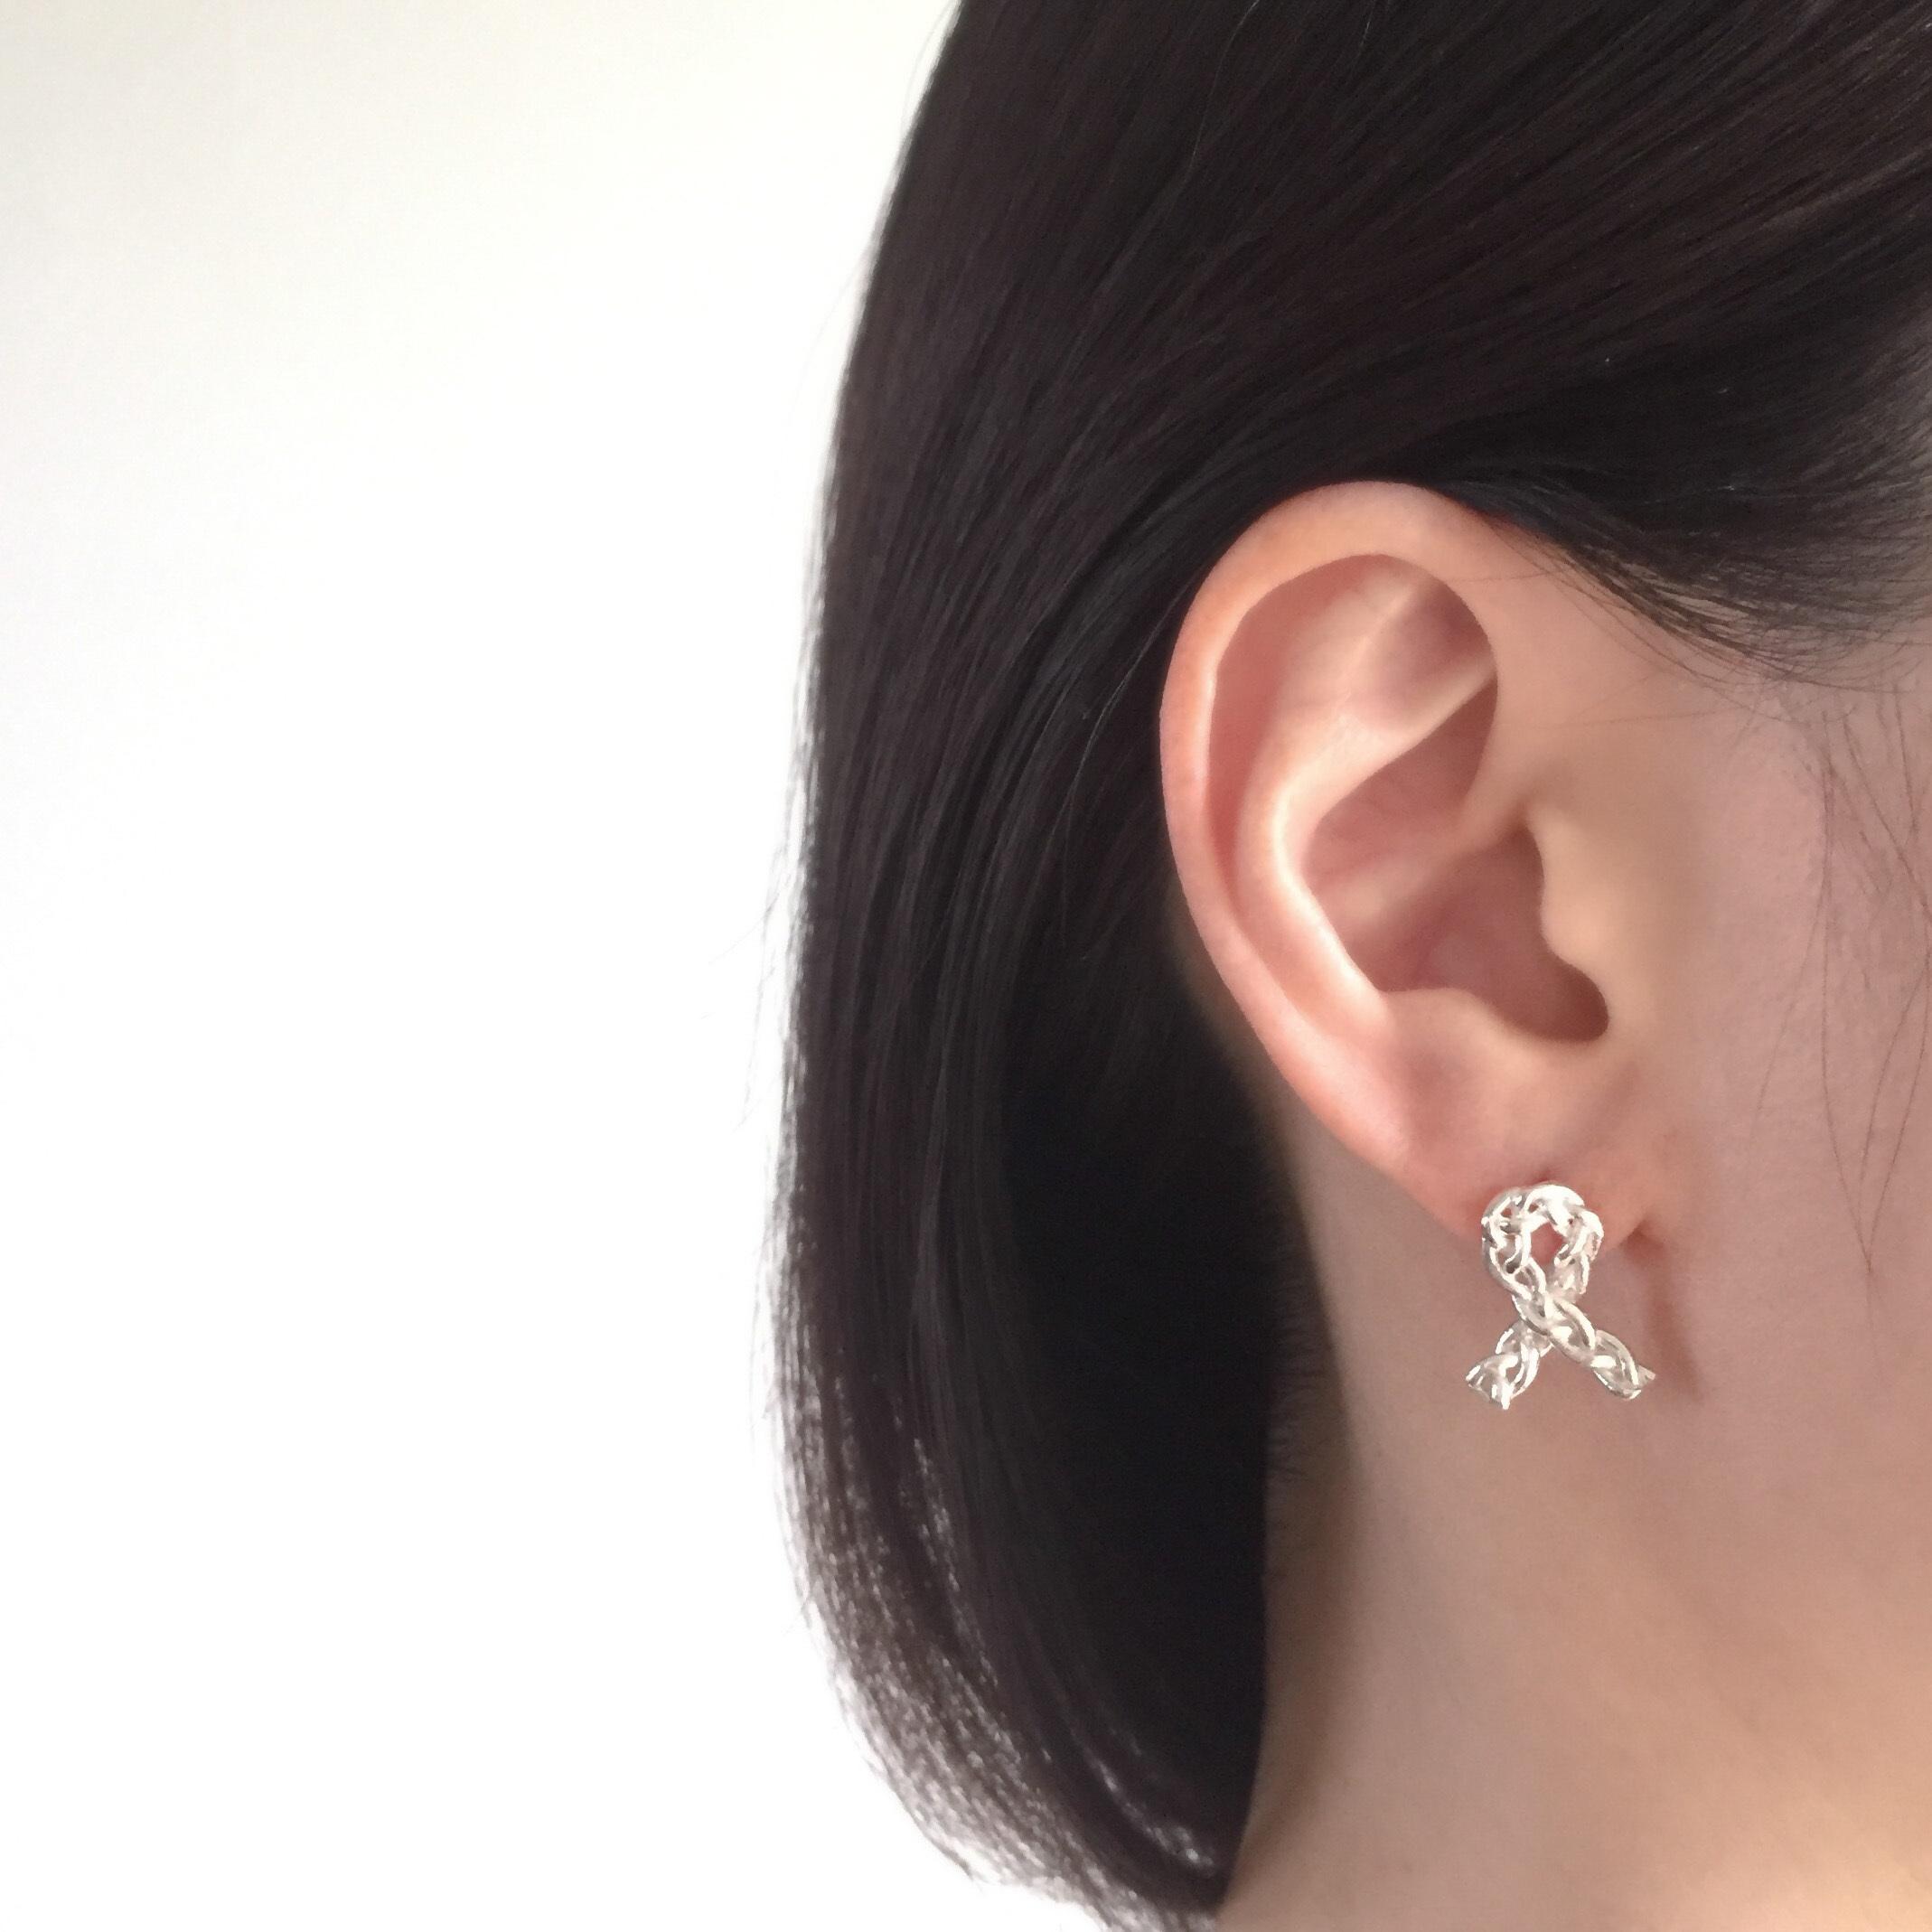 Knitted pierced earrings